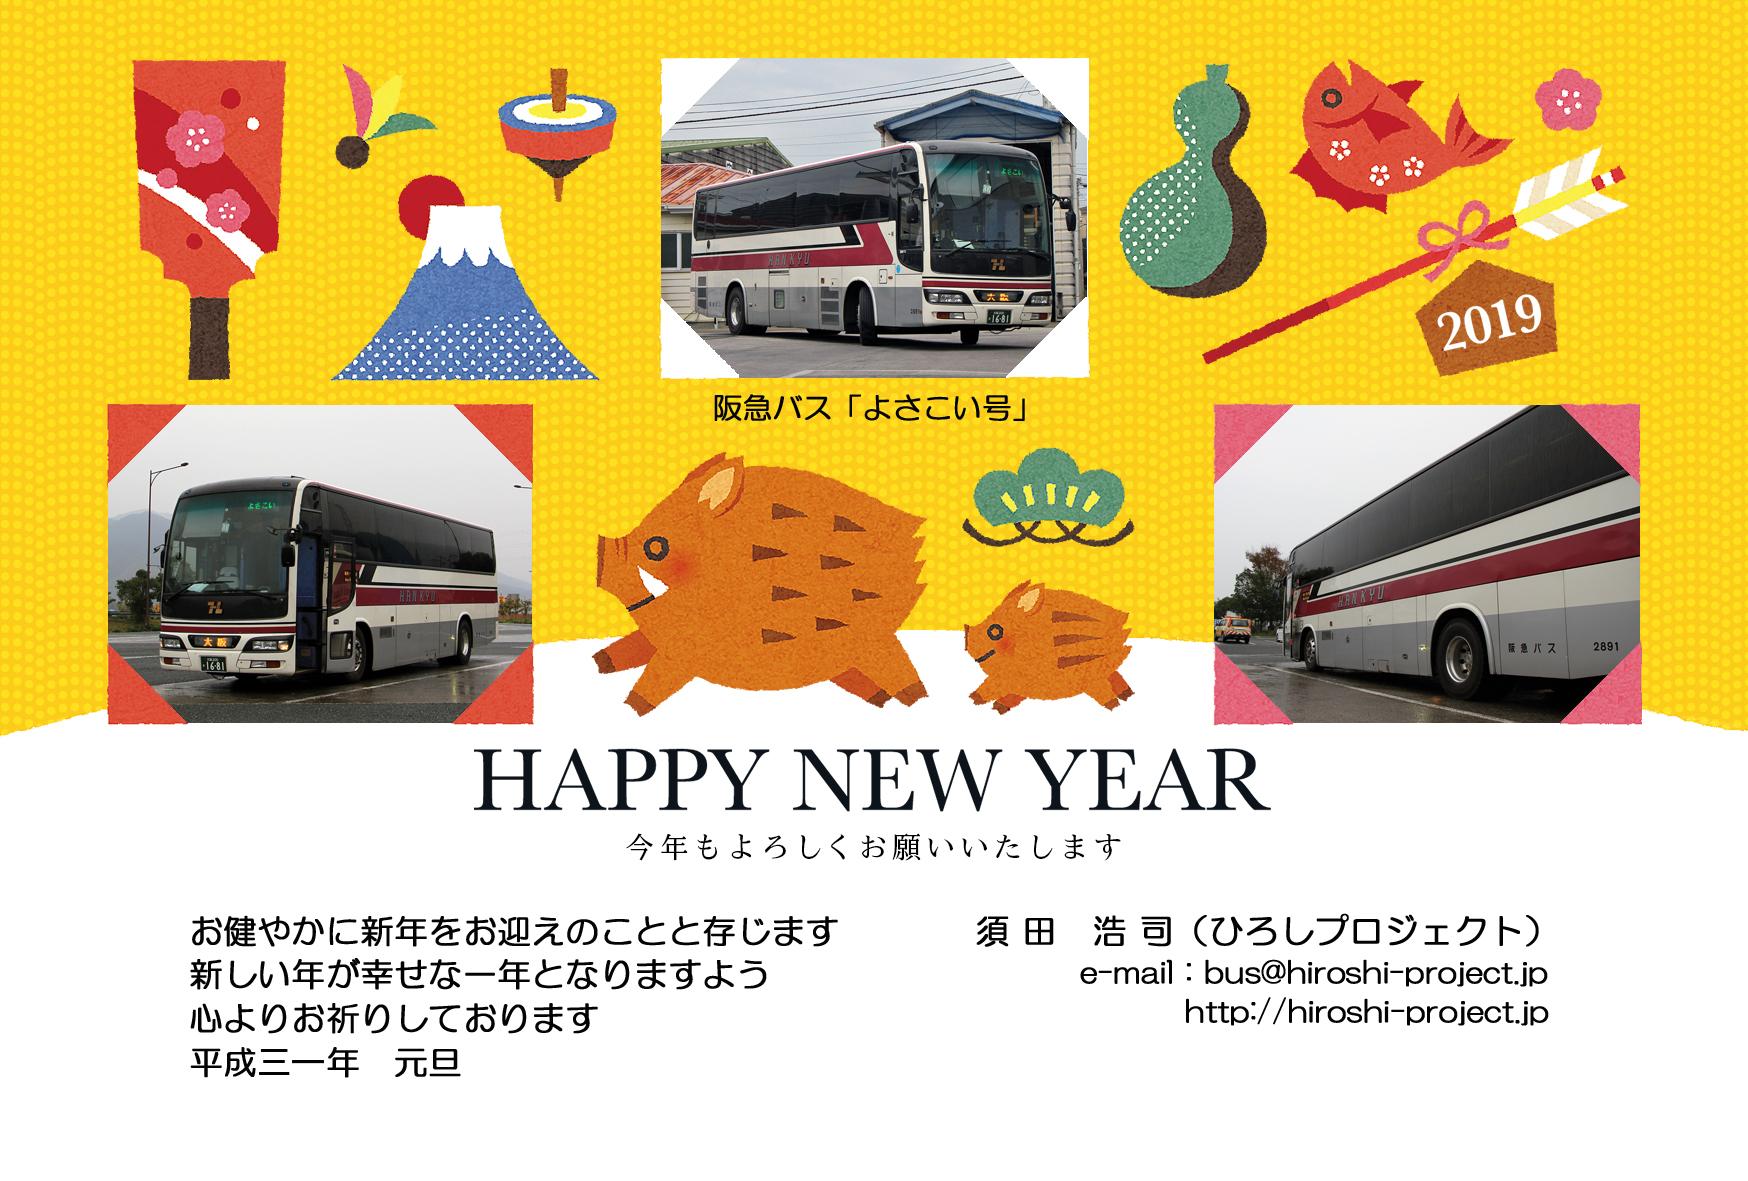 2019年 年賀状 データ002(ブログ用)